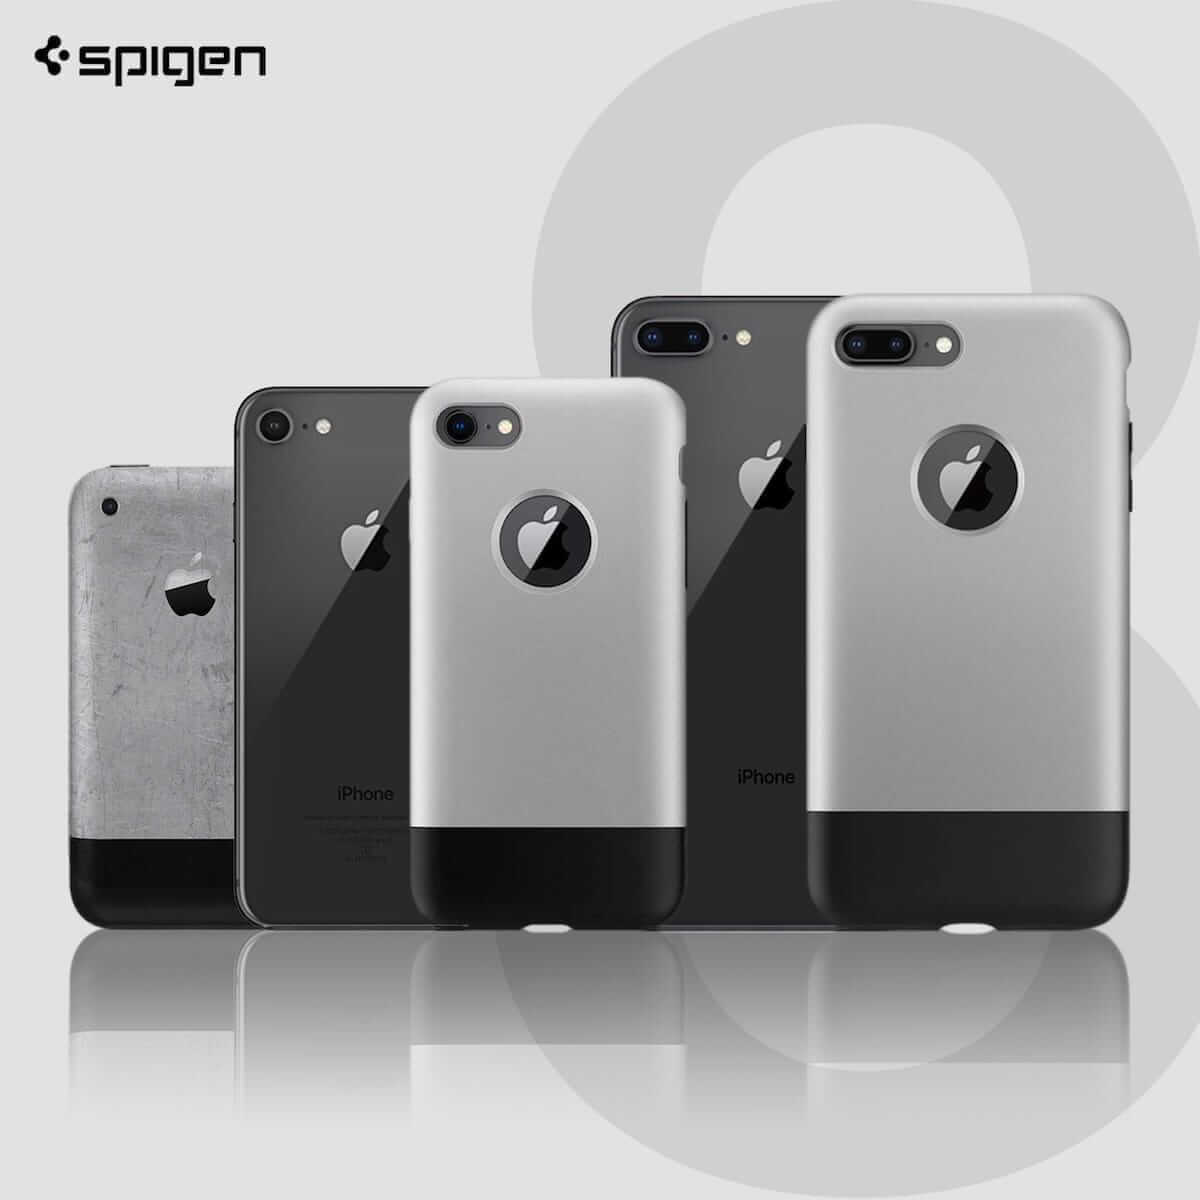 iPhone最新モデルをまるで初代iPhoneのようにできる!iPhone 8/8 Plus用も販売開始! technology180726_spigen_1-1200x1200